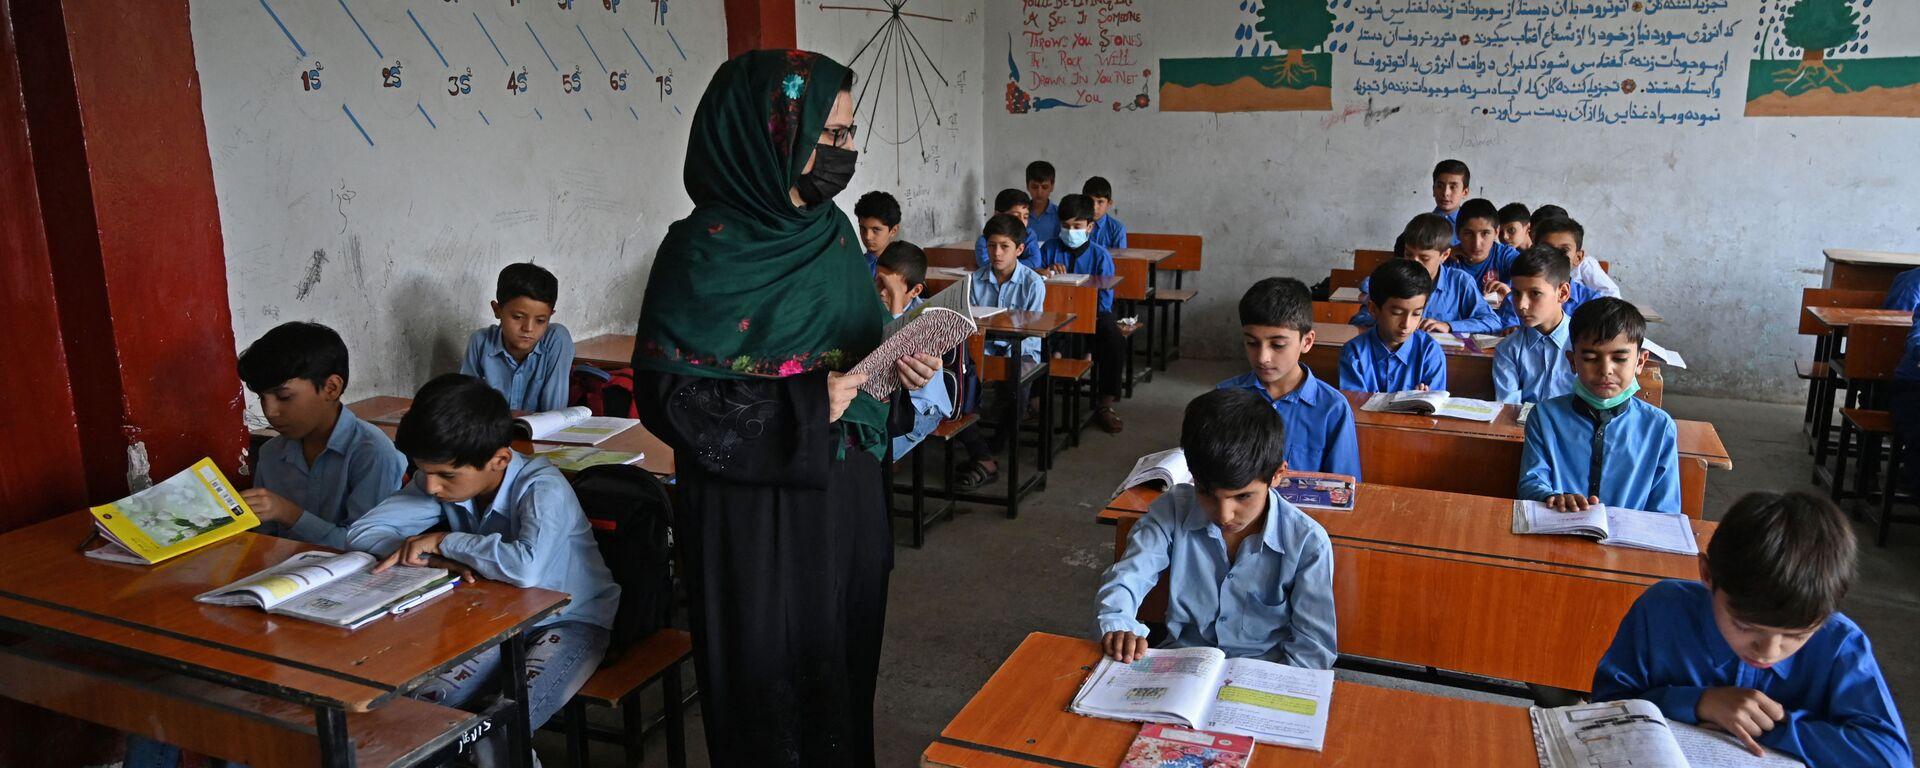 Урок в одной из школ Кабула - Sputnik Узбекистан, 1920, 21.09.2021